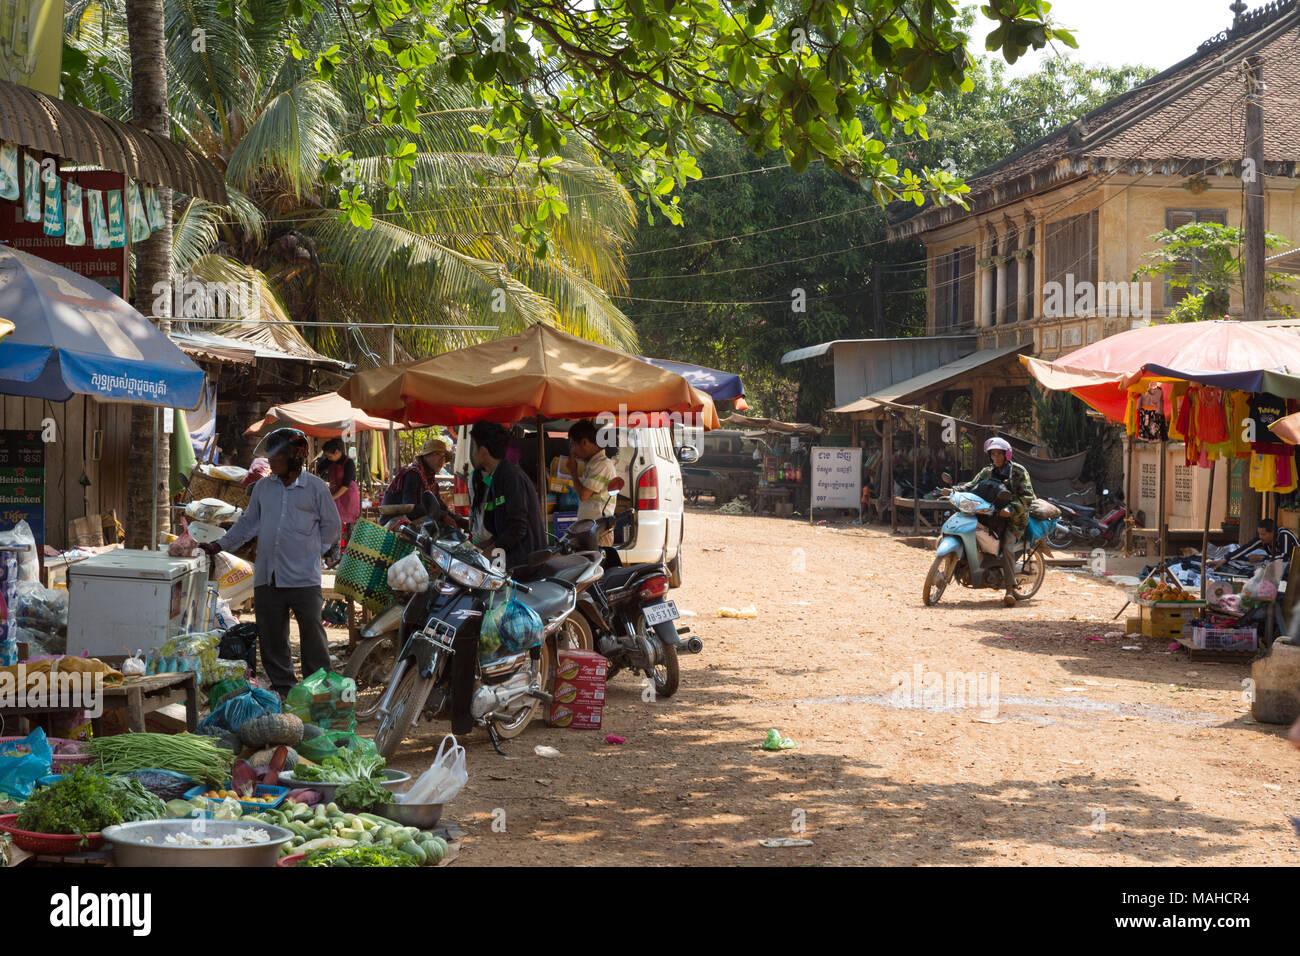 Kambodscha Markt, Markt, Chhlong - Marktstände und alten kolonialen französischen Gebäude, Chhlong Stadt, Provinz Kratie, Kambodscha Asien Stockbild